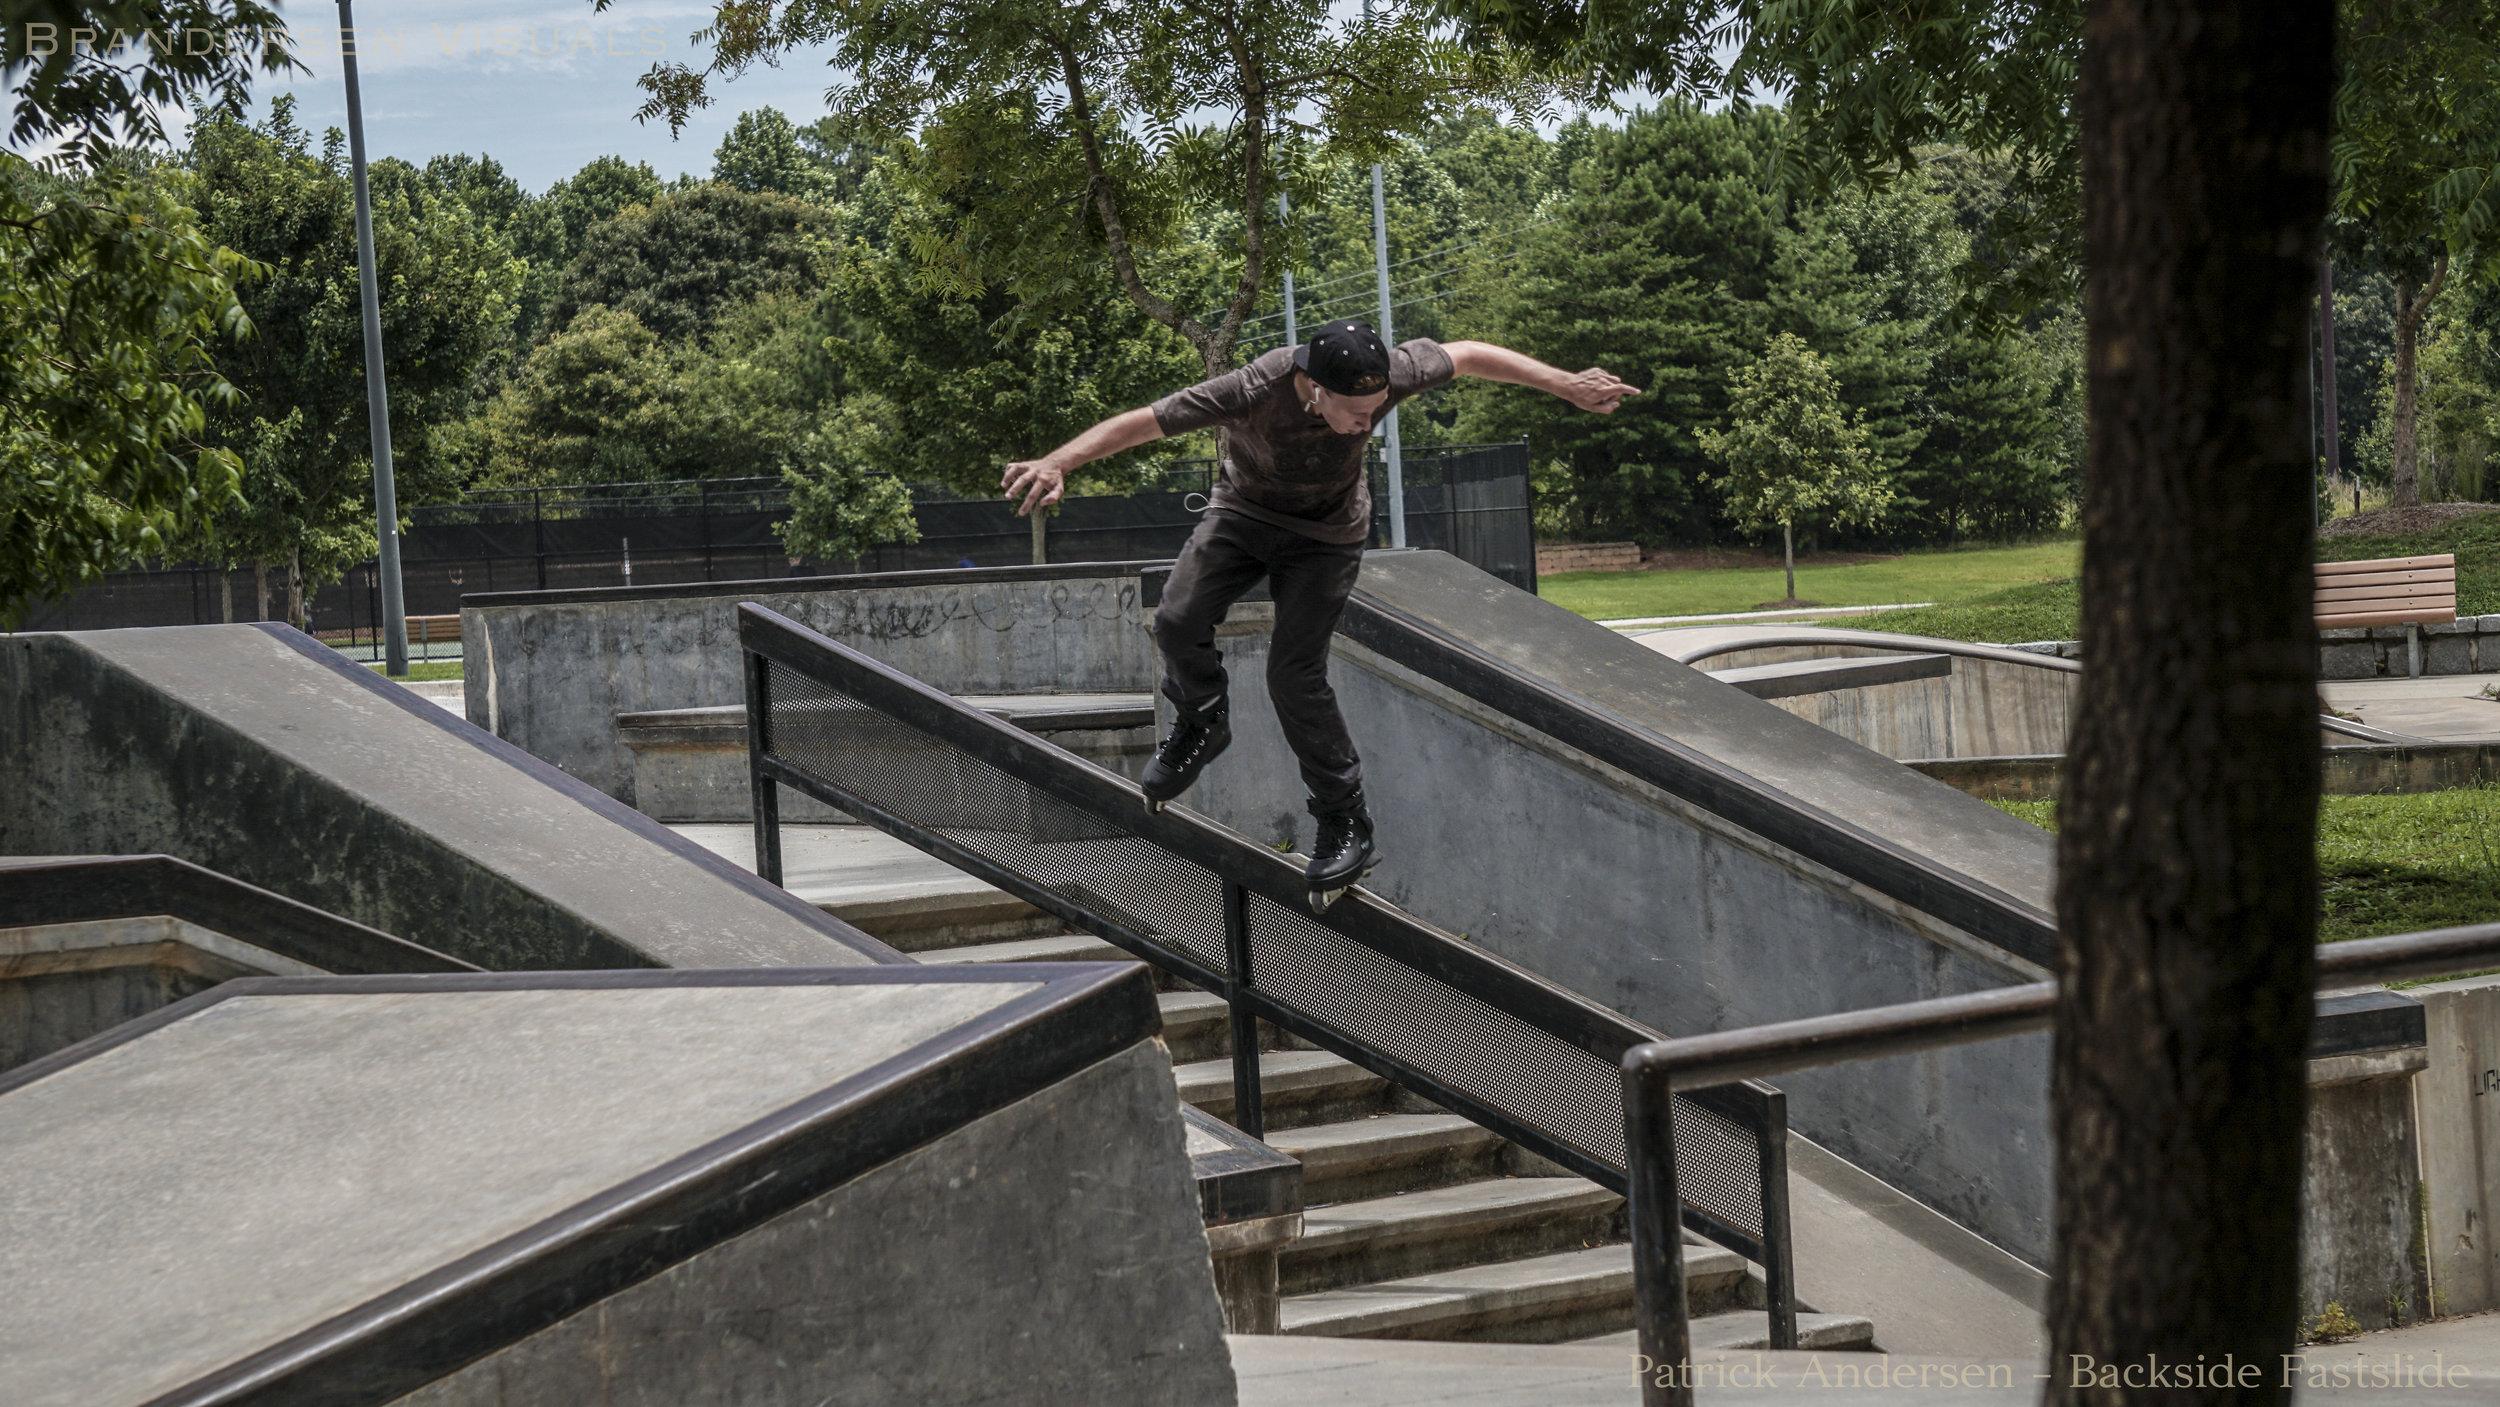 Patrick Andersen - BS Fastslide to Fakie - Photo by Brandon Andersen